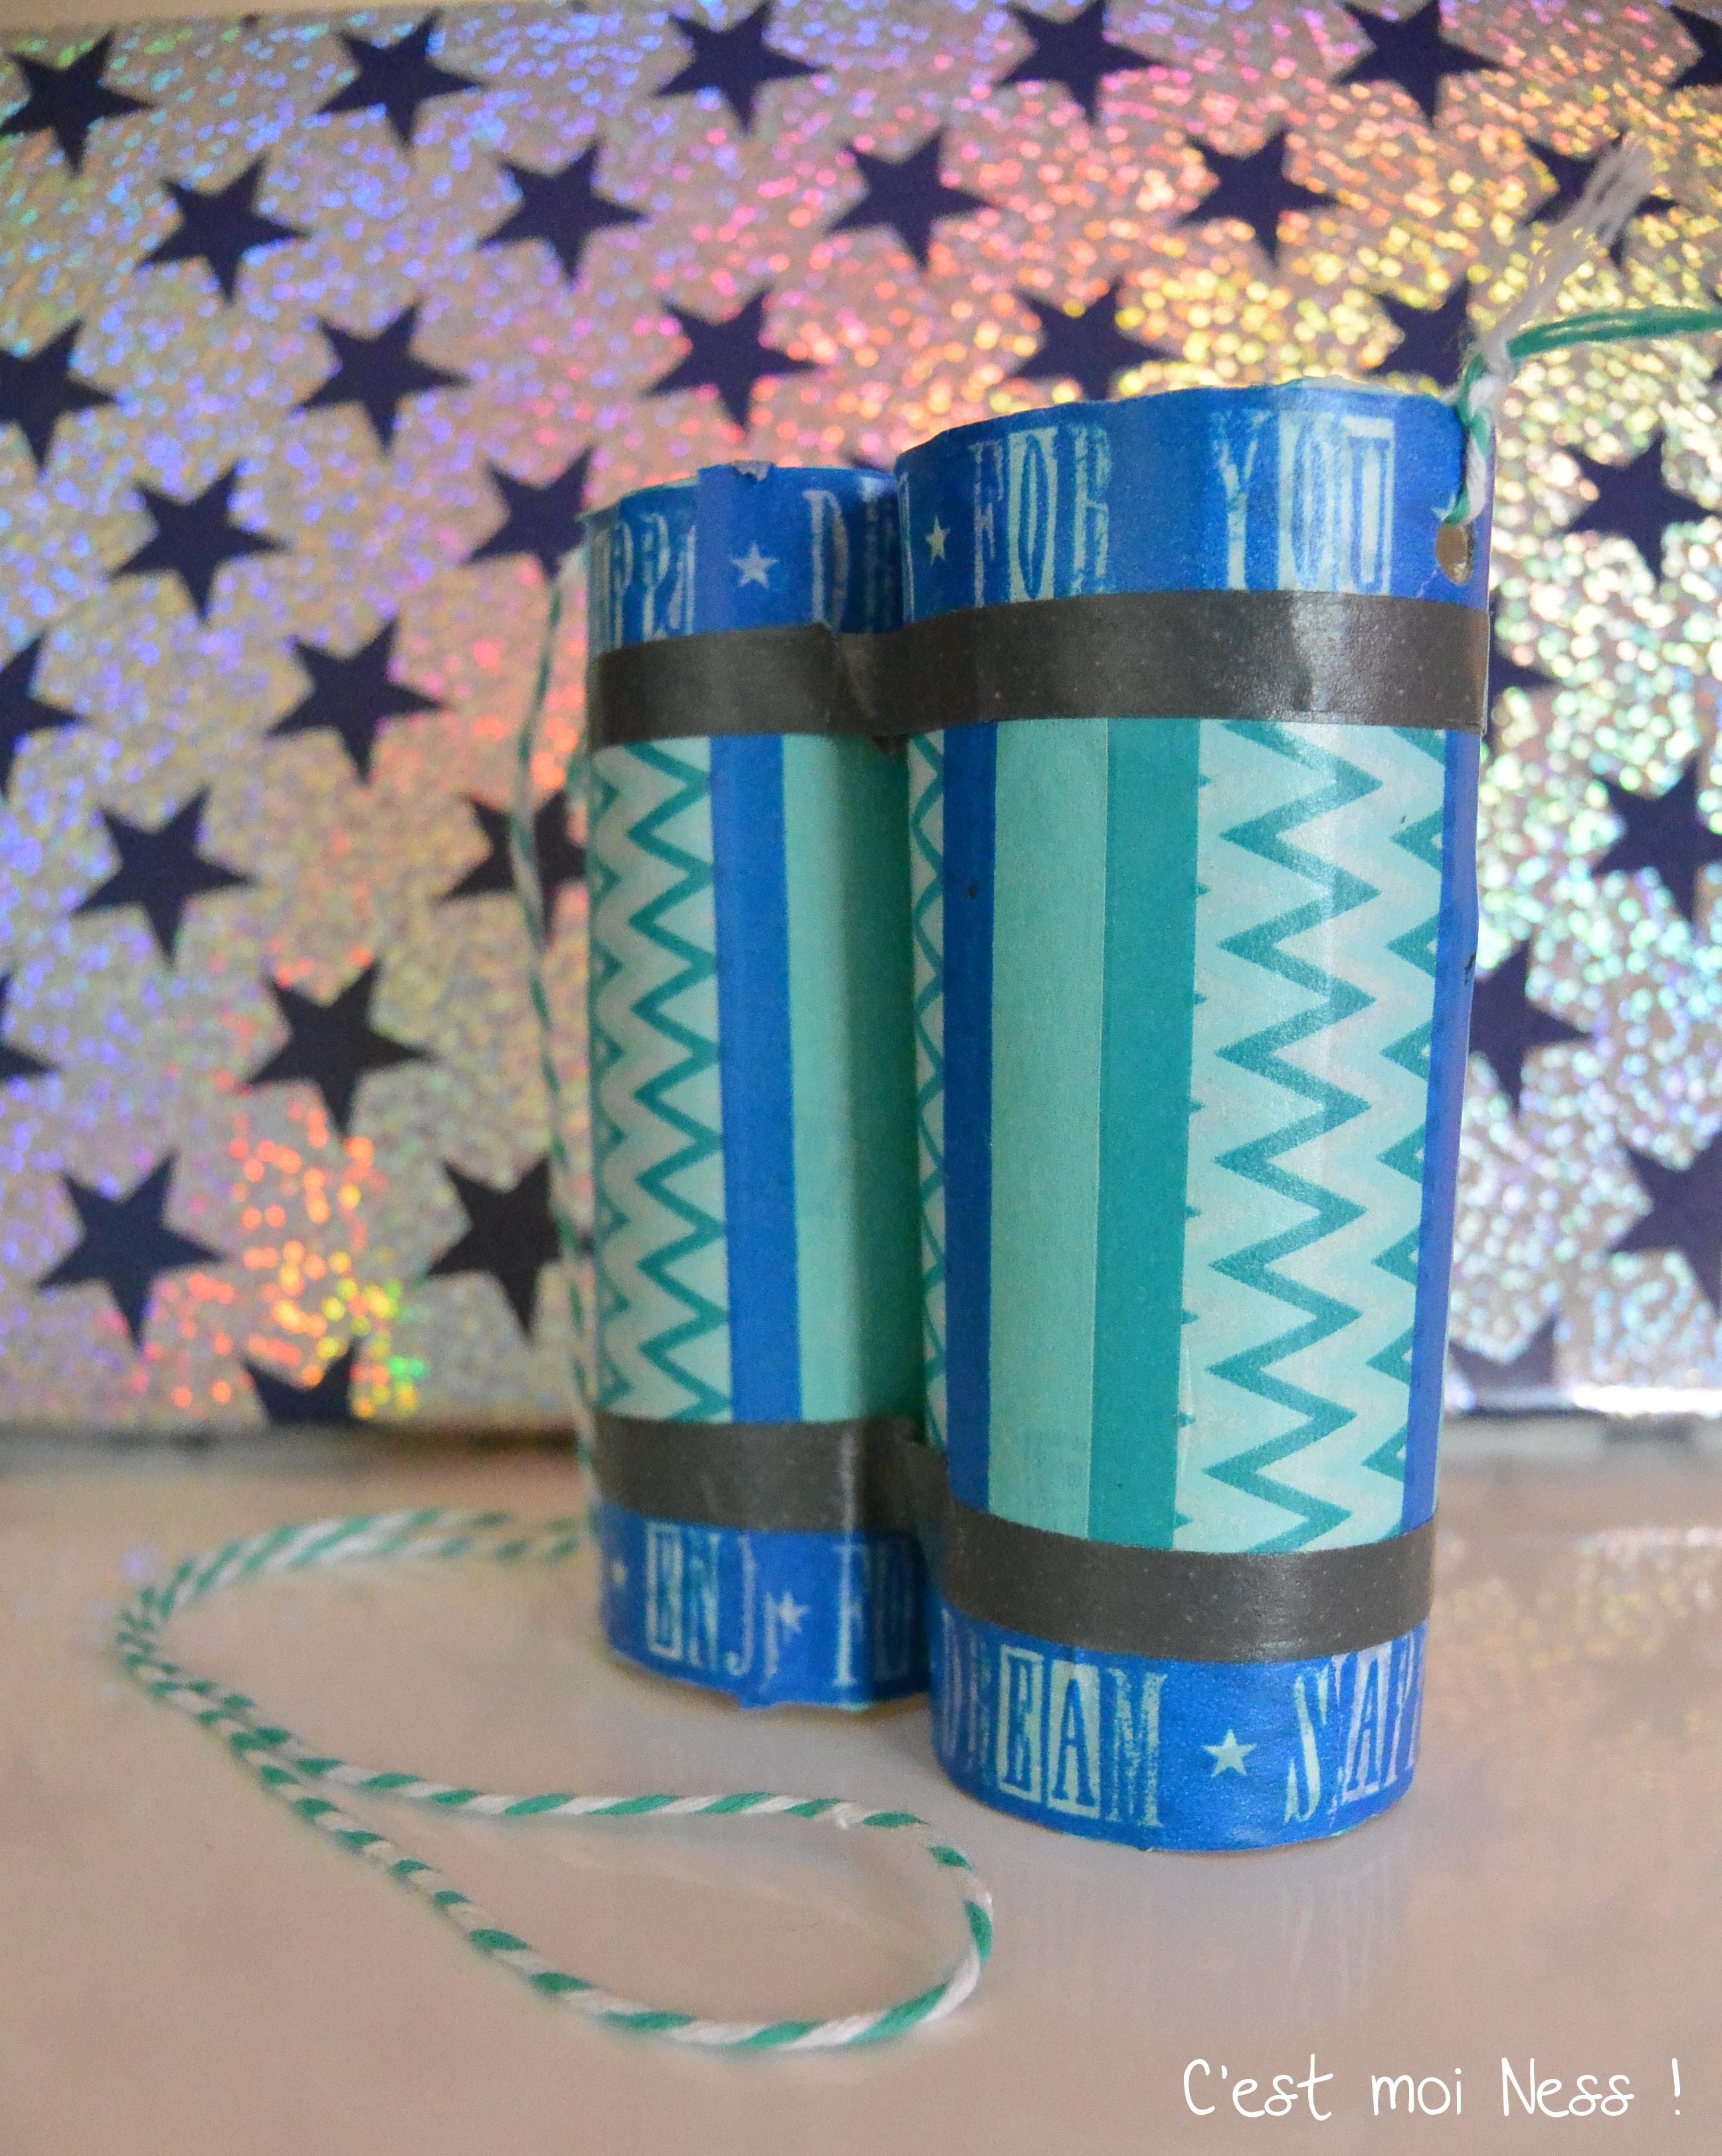 recyclage deuxi me vie mes rouleaux de papier toilette. Black Bedroom Furniture Sets. Home Design Ideas